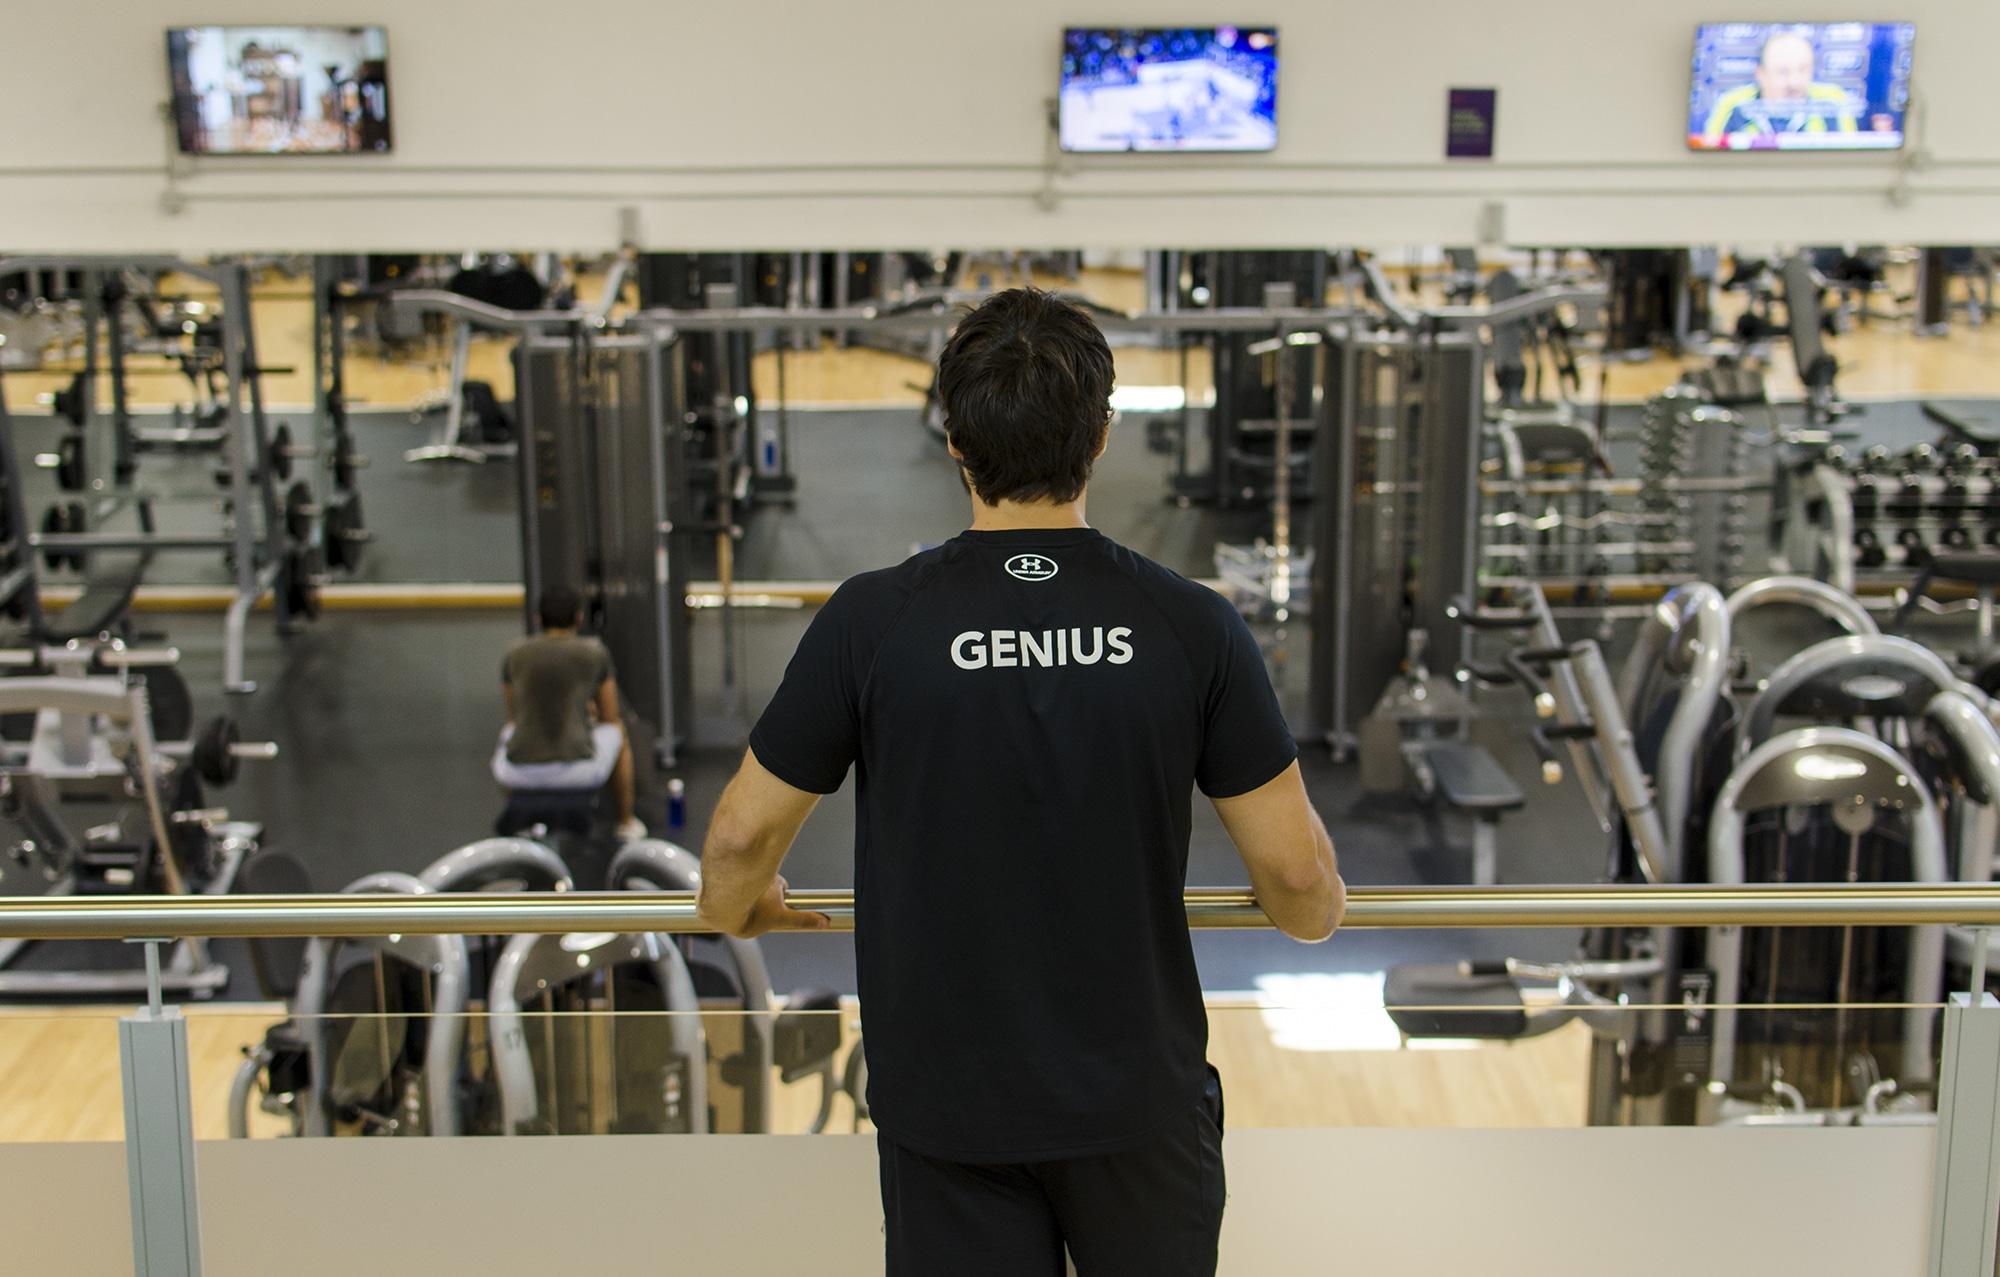 qu significa ser un genius en altafit altafit gym club